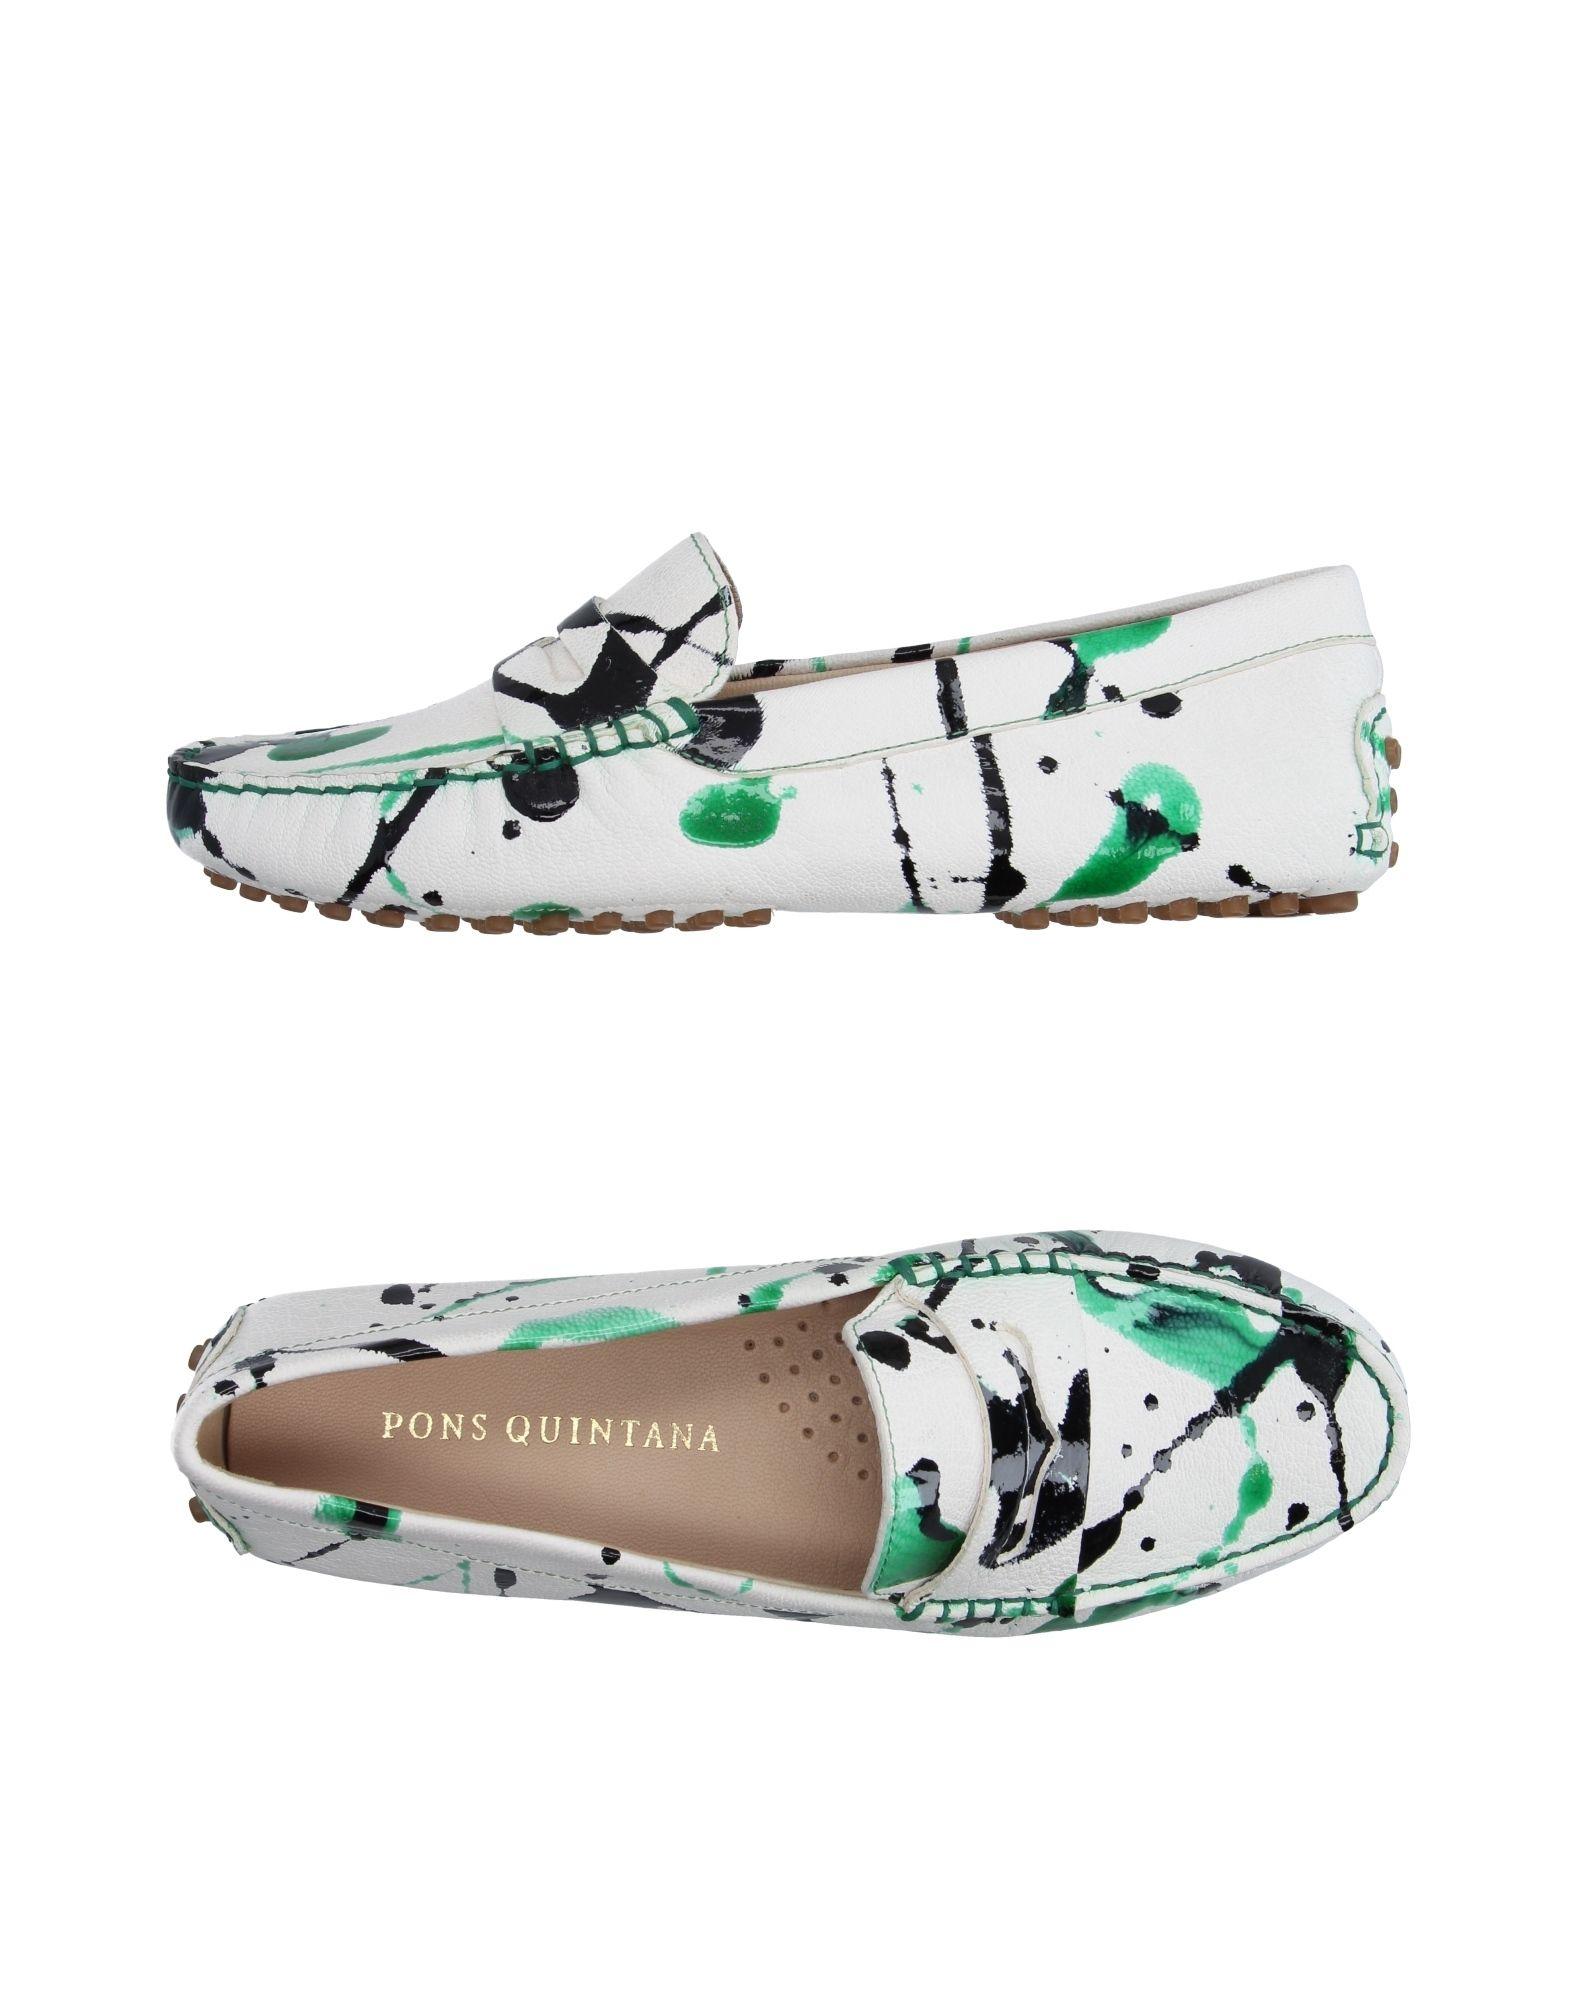 pons quintana female pons quintana loafers